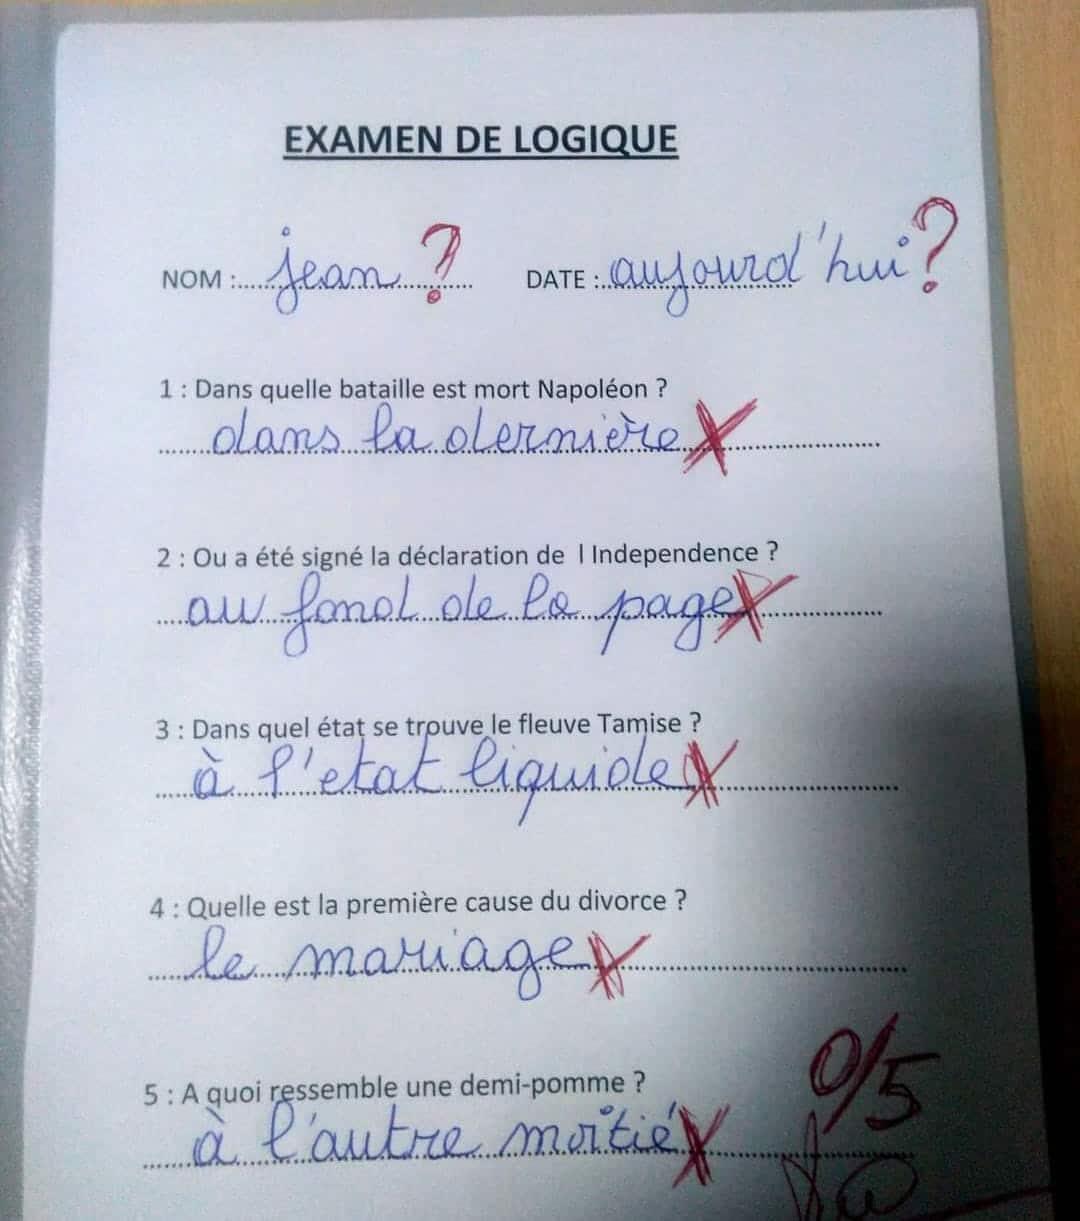 Examen de logique